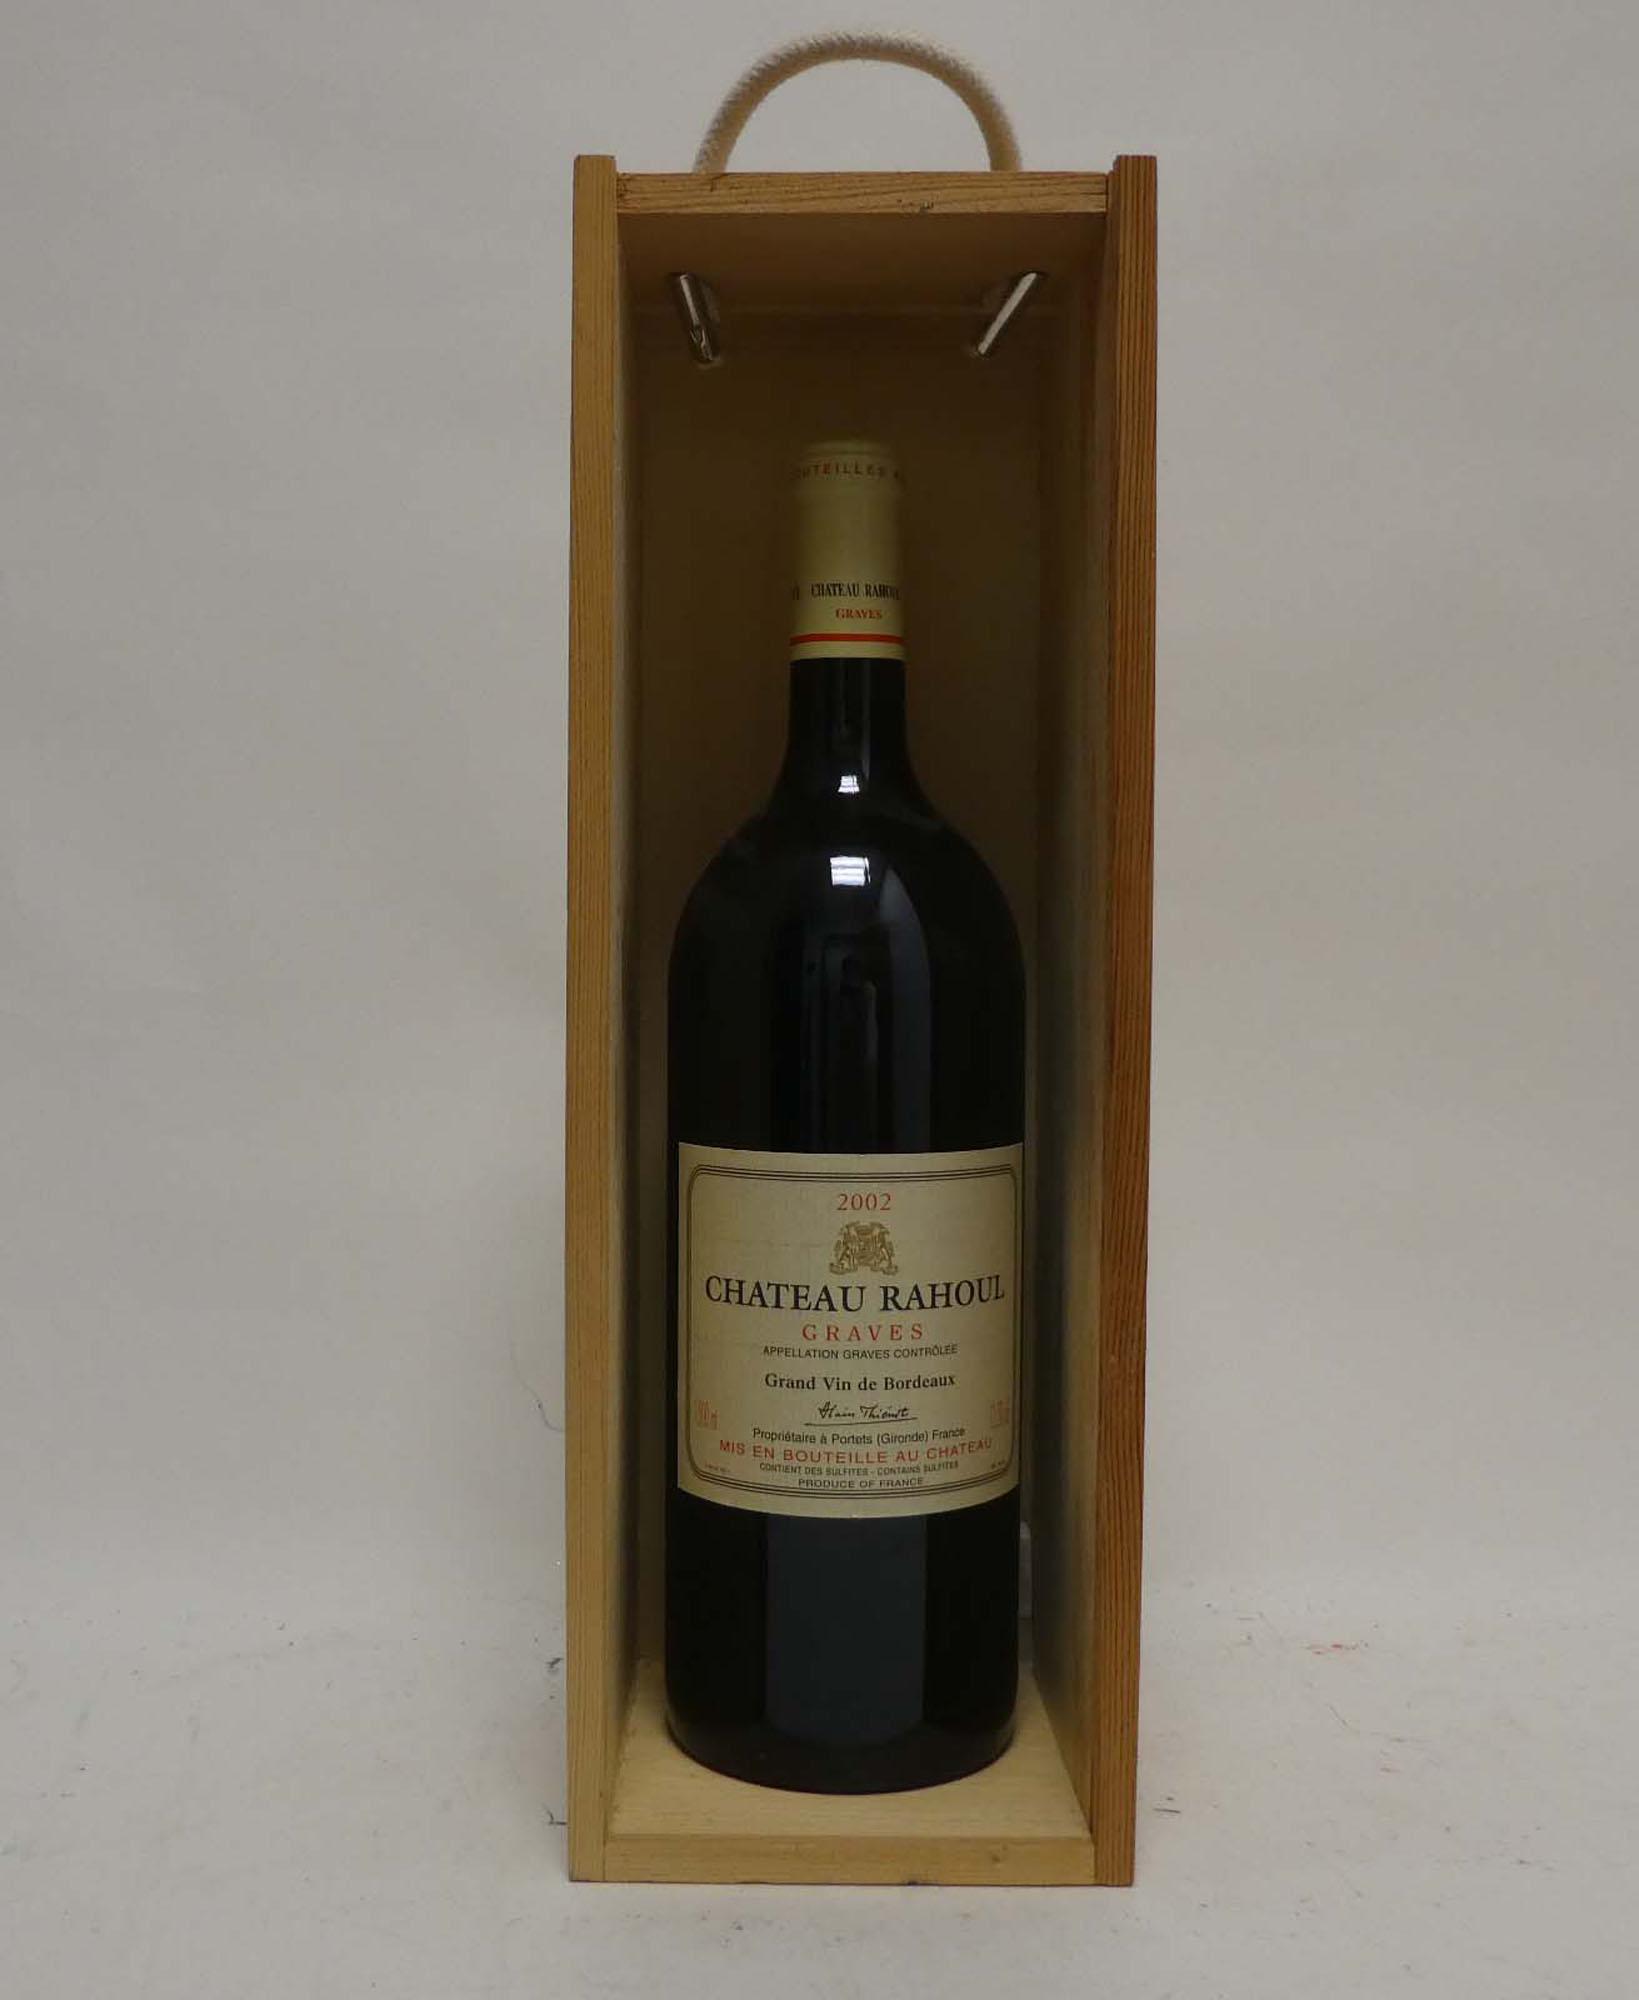 A Magnum of Chateau Rahoul 2002 Graves Grand Vin de Bordeaux with wooden box